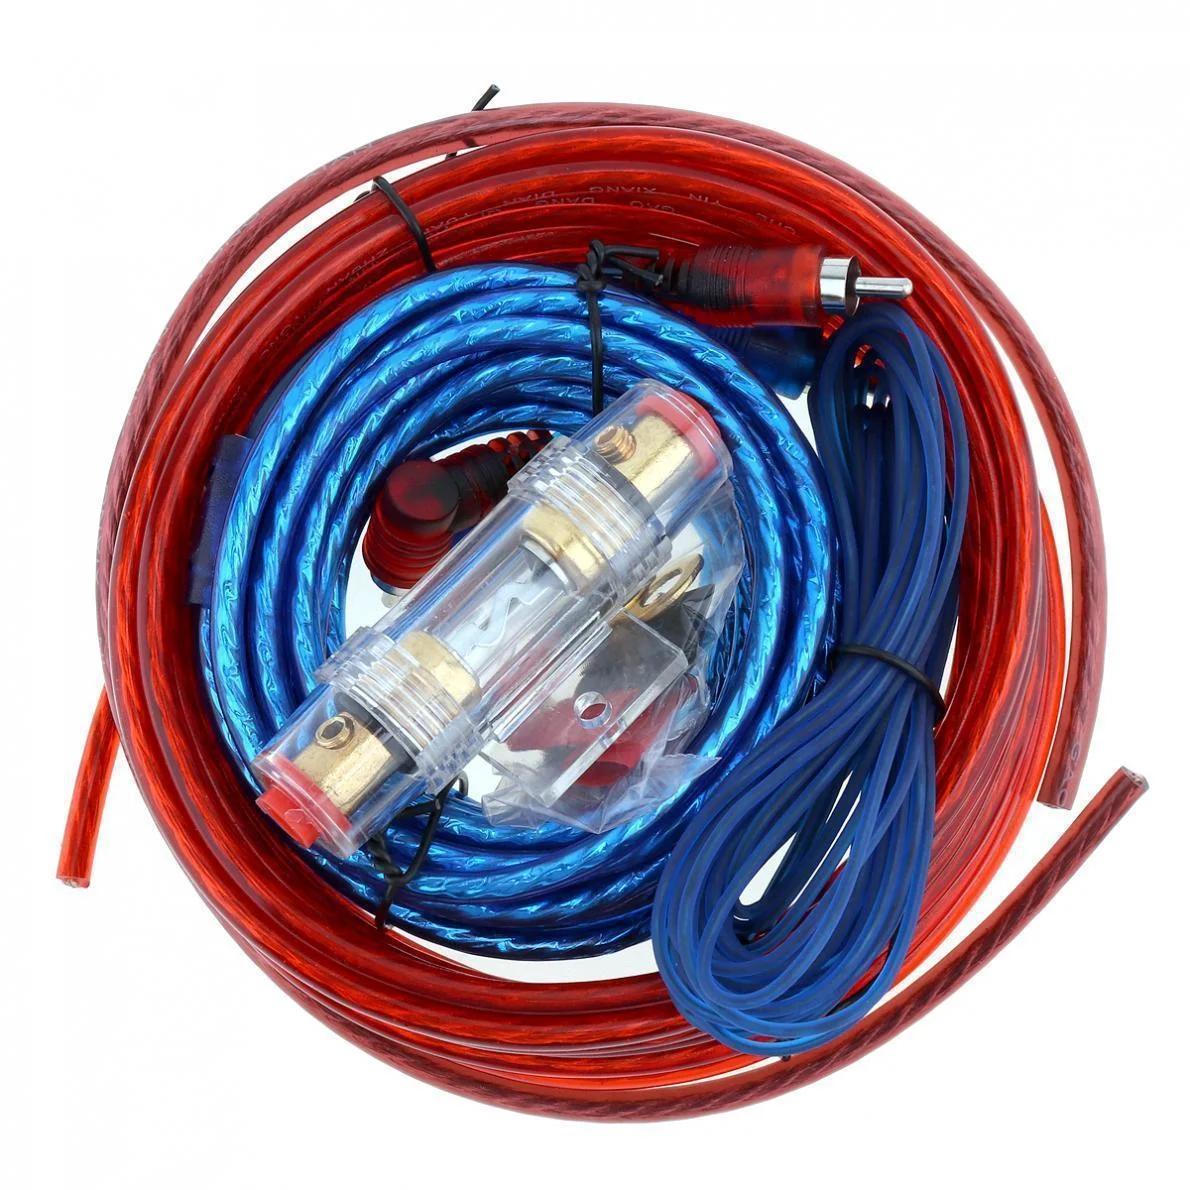 Комплект проводов среднего полу-профессионального уровня для подключения усилителей или сабвуферов до 3200 Вт